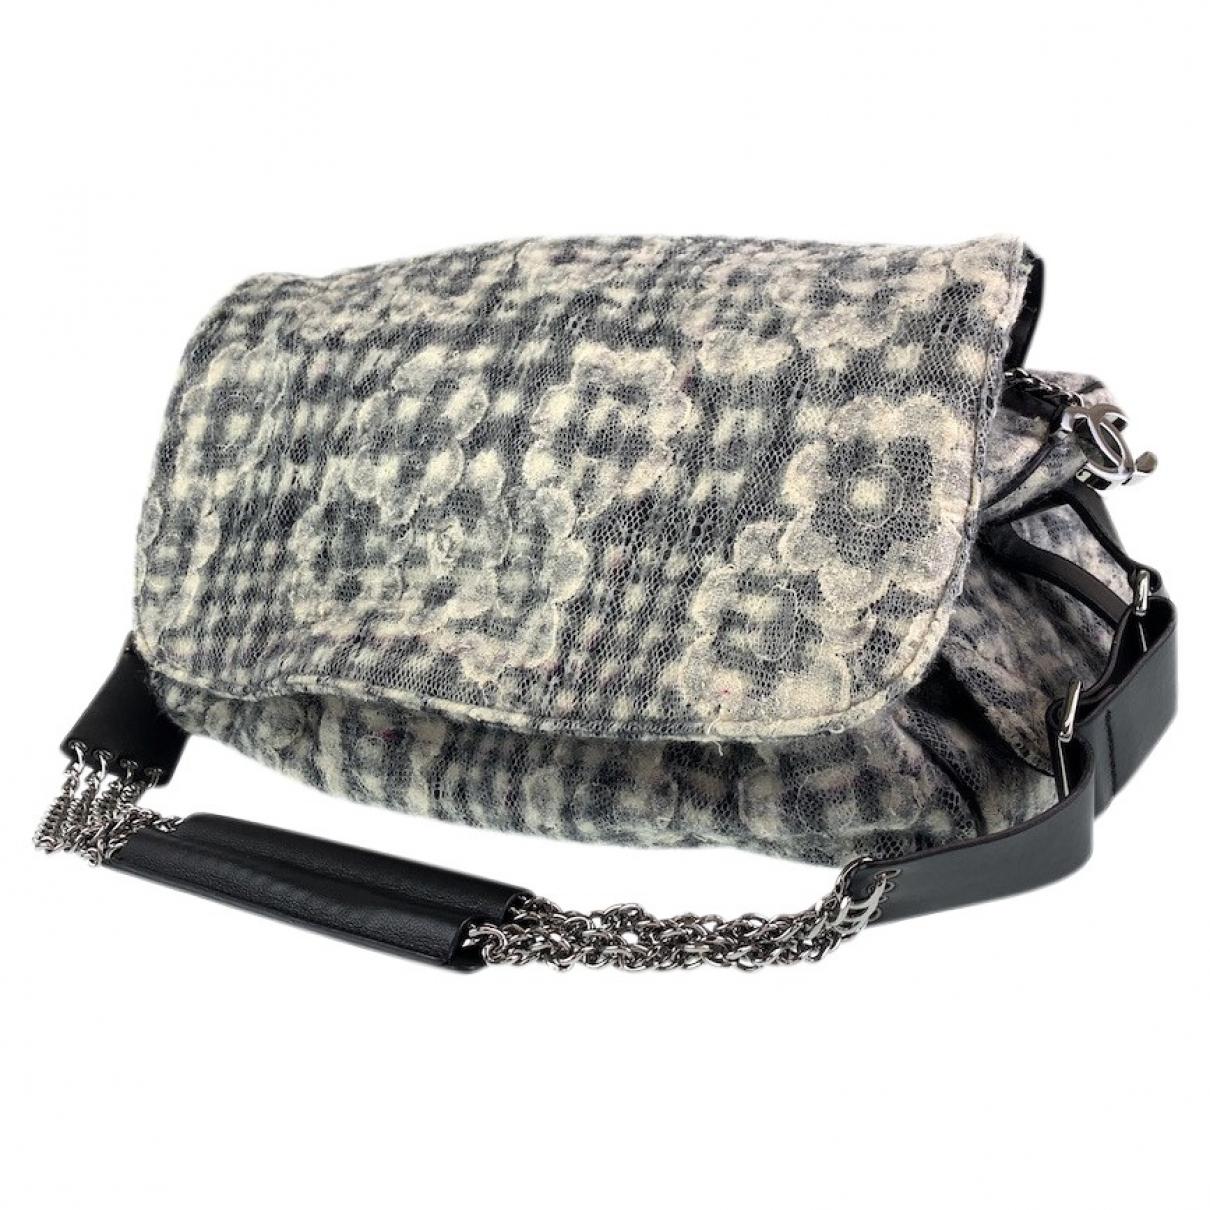 Chanel \N Black Tweed handbag for Women \N